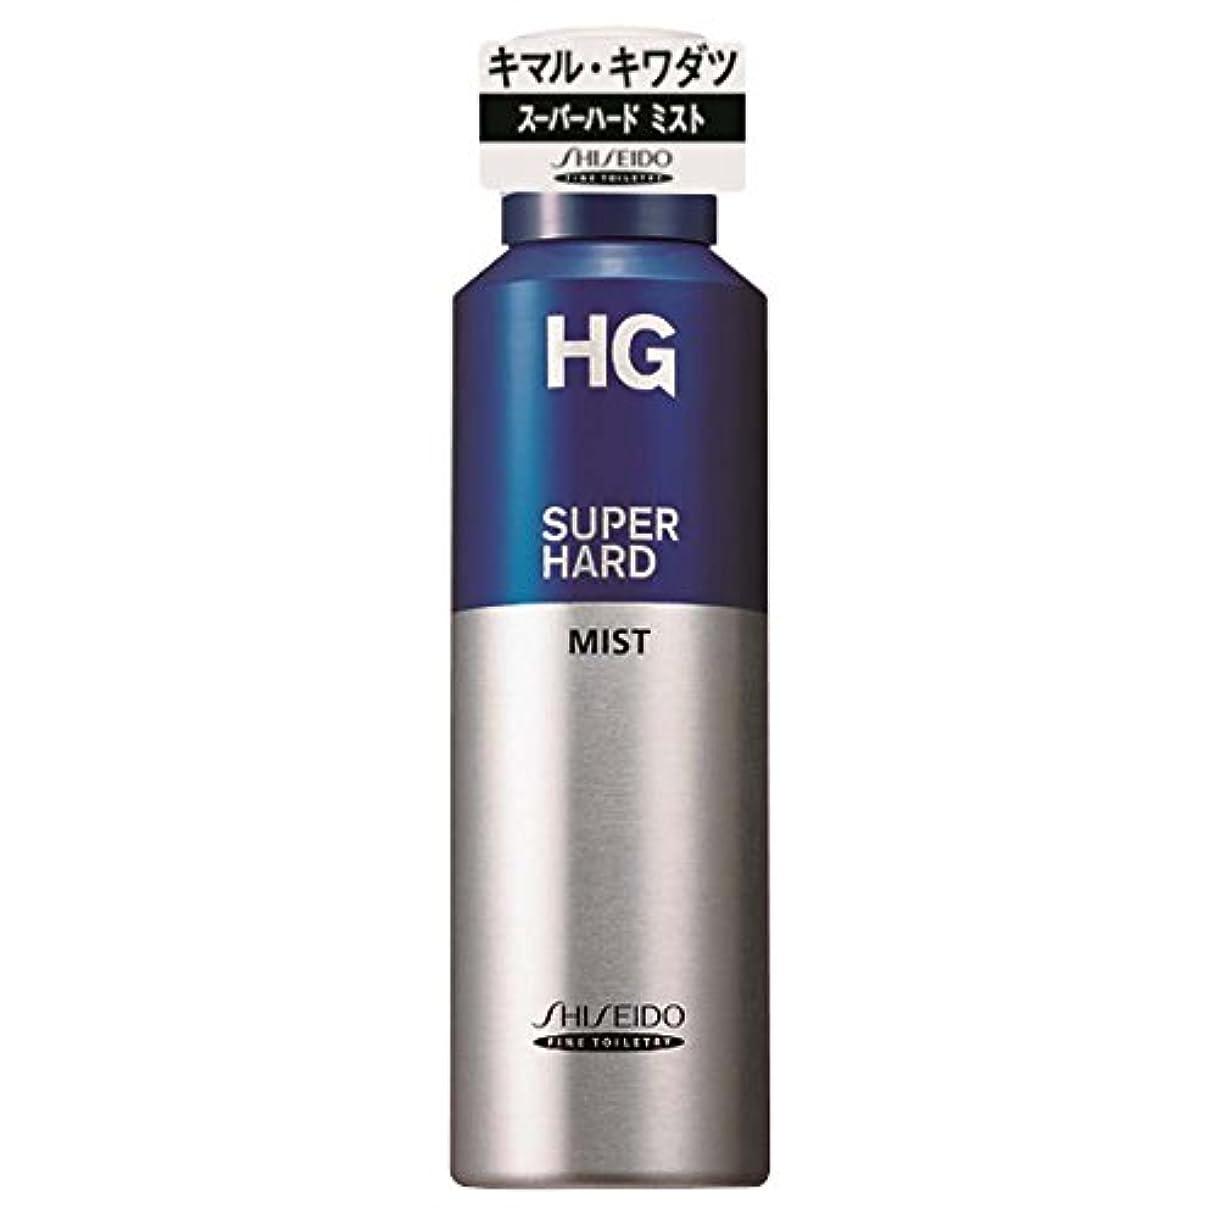 バスケットボールパリティ従来のHG スーパーハードミストa 【HTRC3】